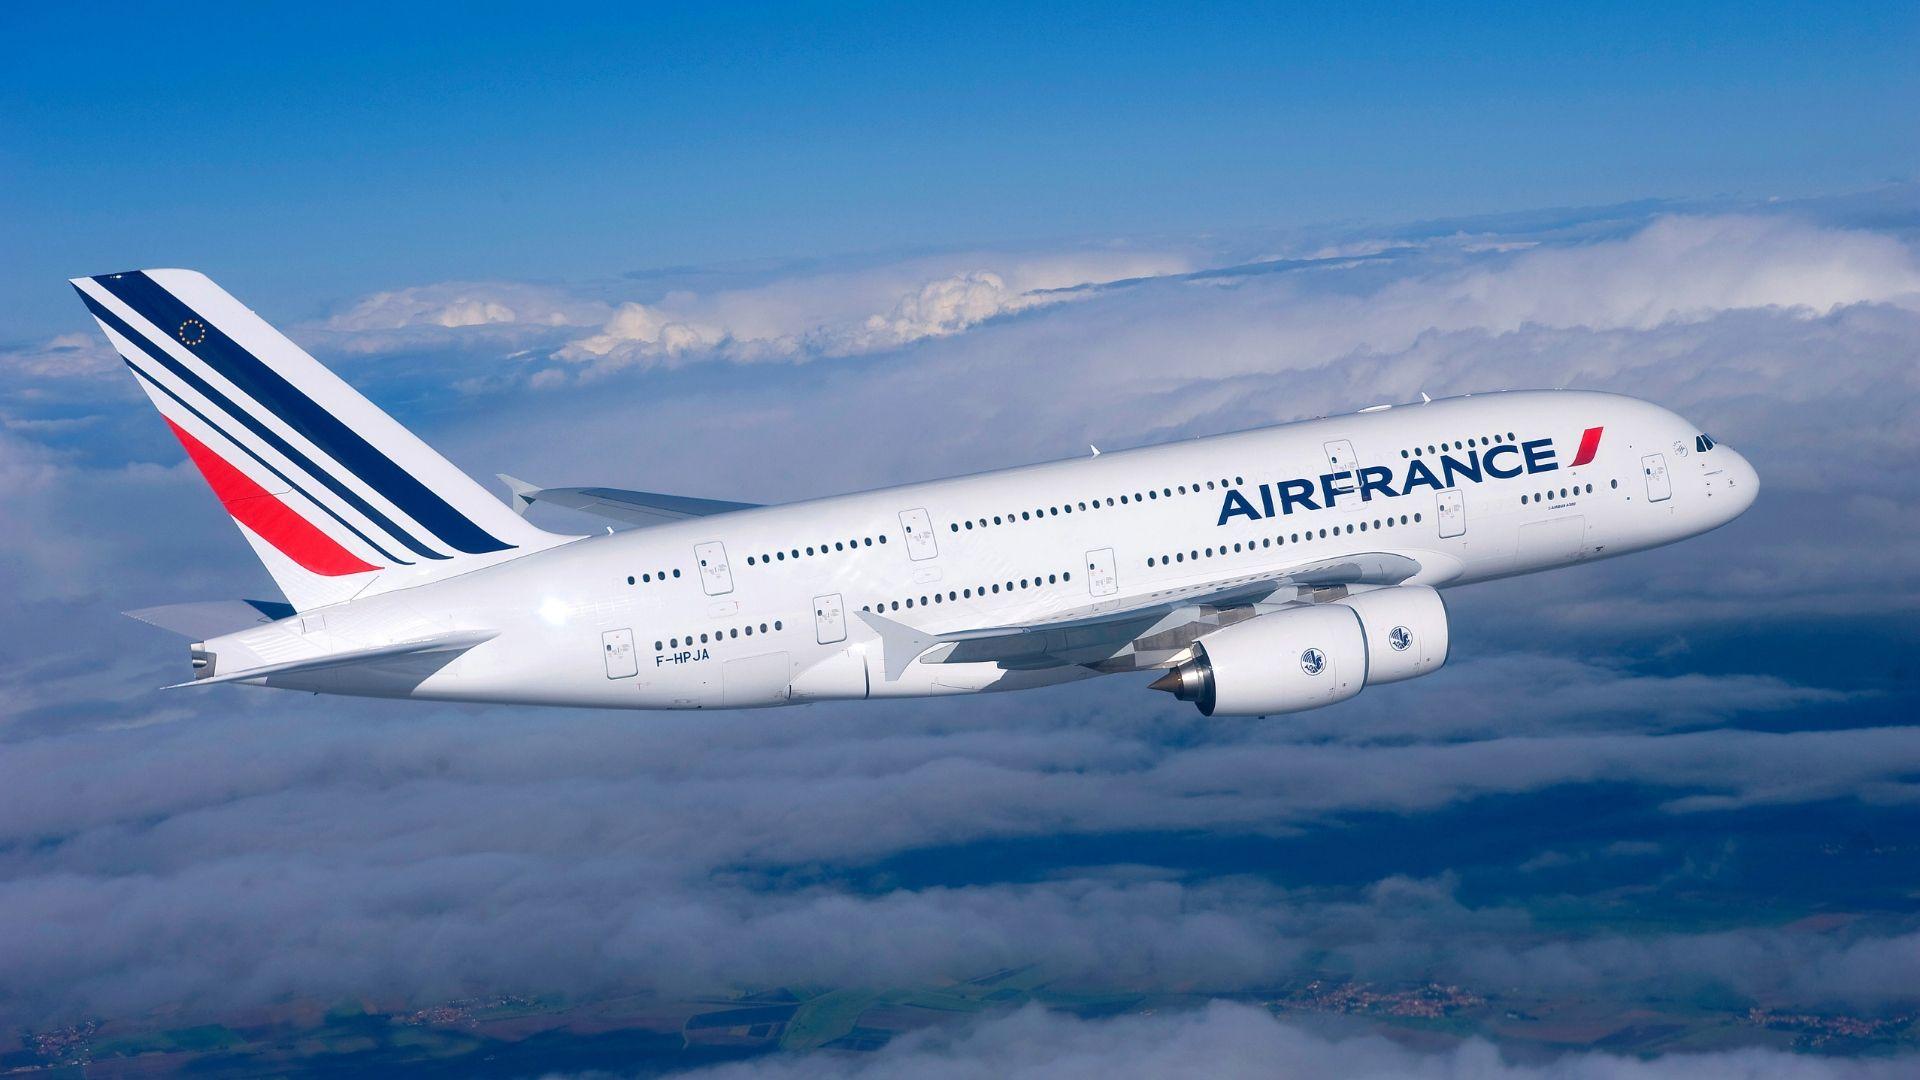 Votre visage comme carte d'embarquement ? Air France teste la reconnaissance faciale aux US